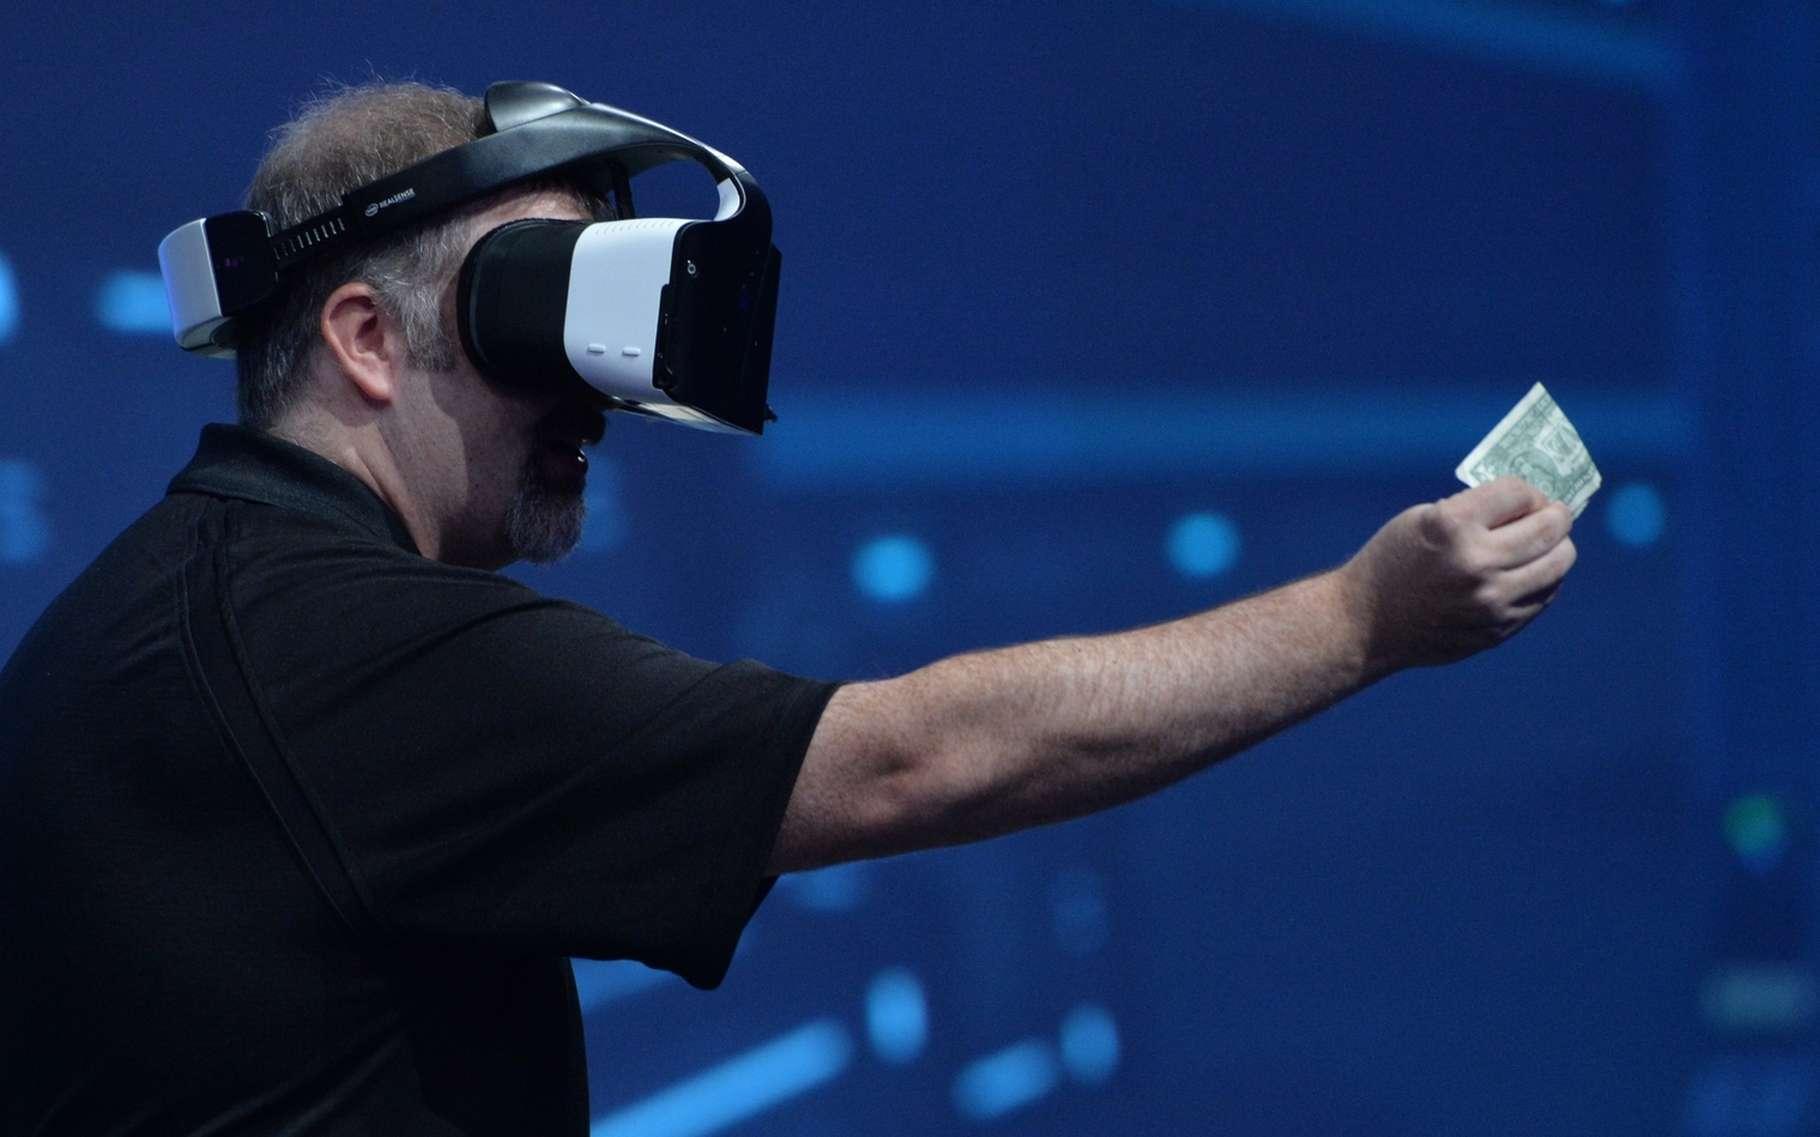 Grâce à ses capteurs de détection des obstacles et de modélisation 3D, le casque Alloy d'Intel offre une liberté de mouvements et d'interaction inédite. © Intel